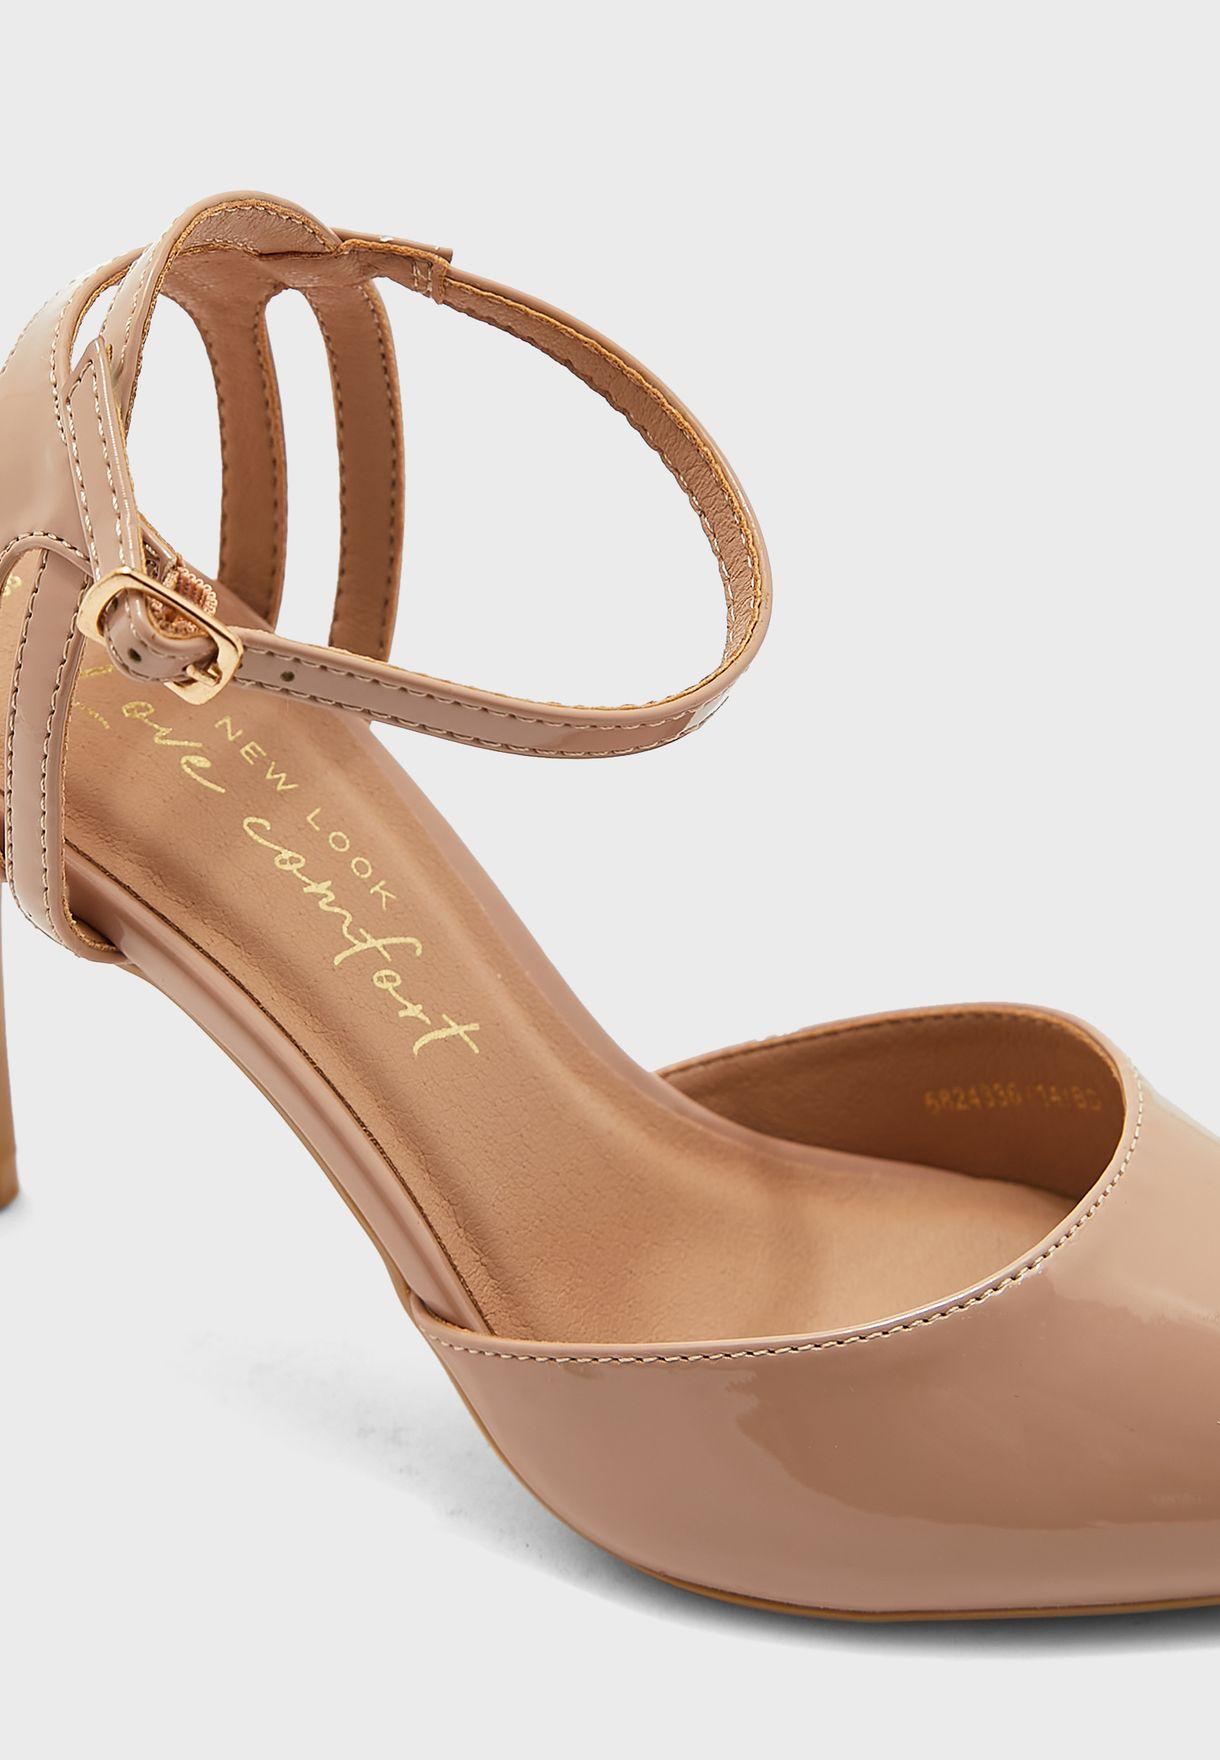 حذاء بسير كاحل وكعب متوسط